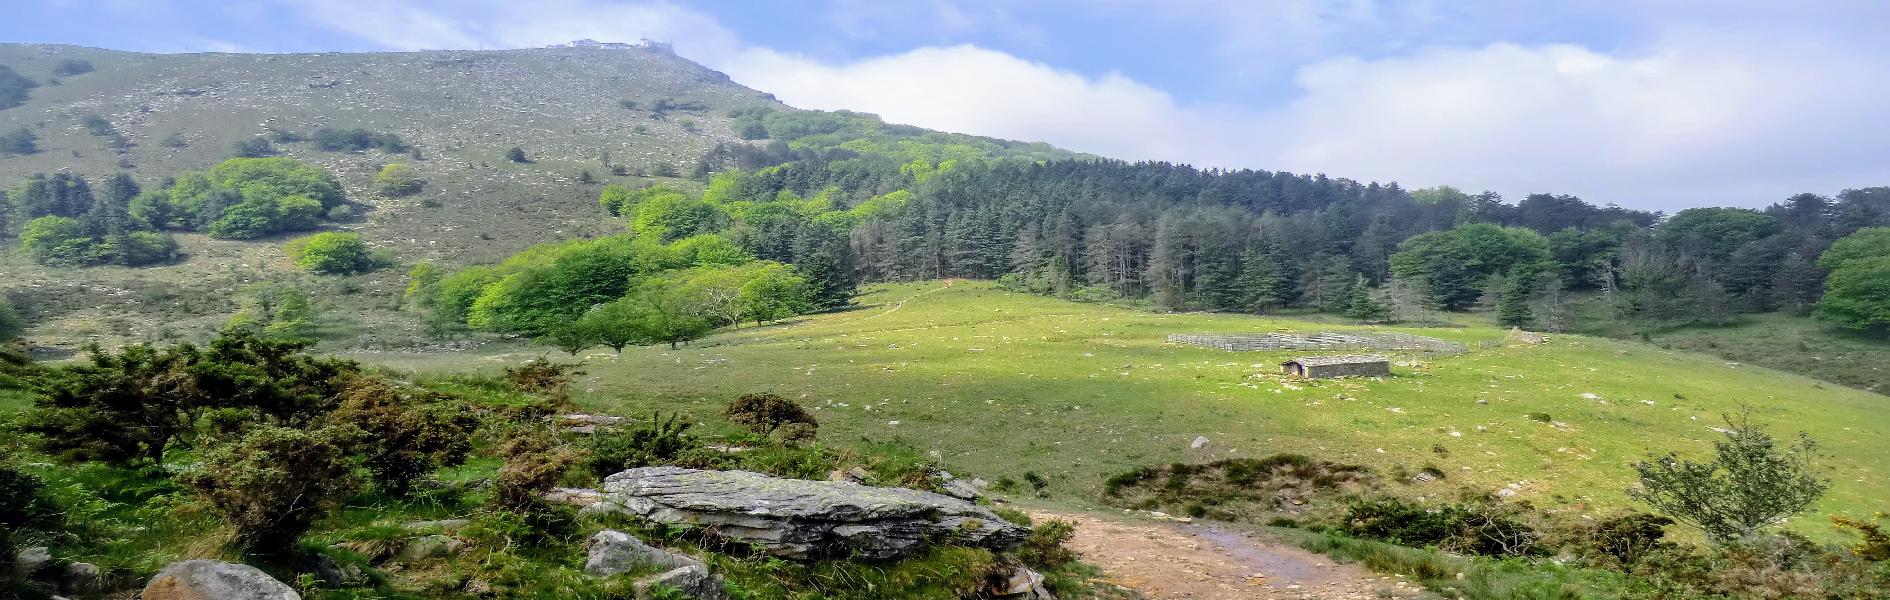 Randonnées pédestres au  Pays Basque